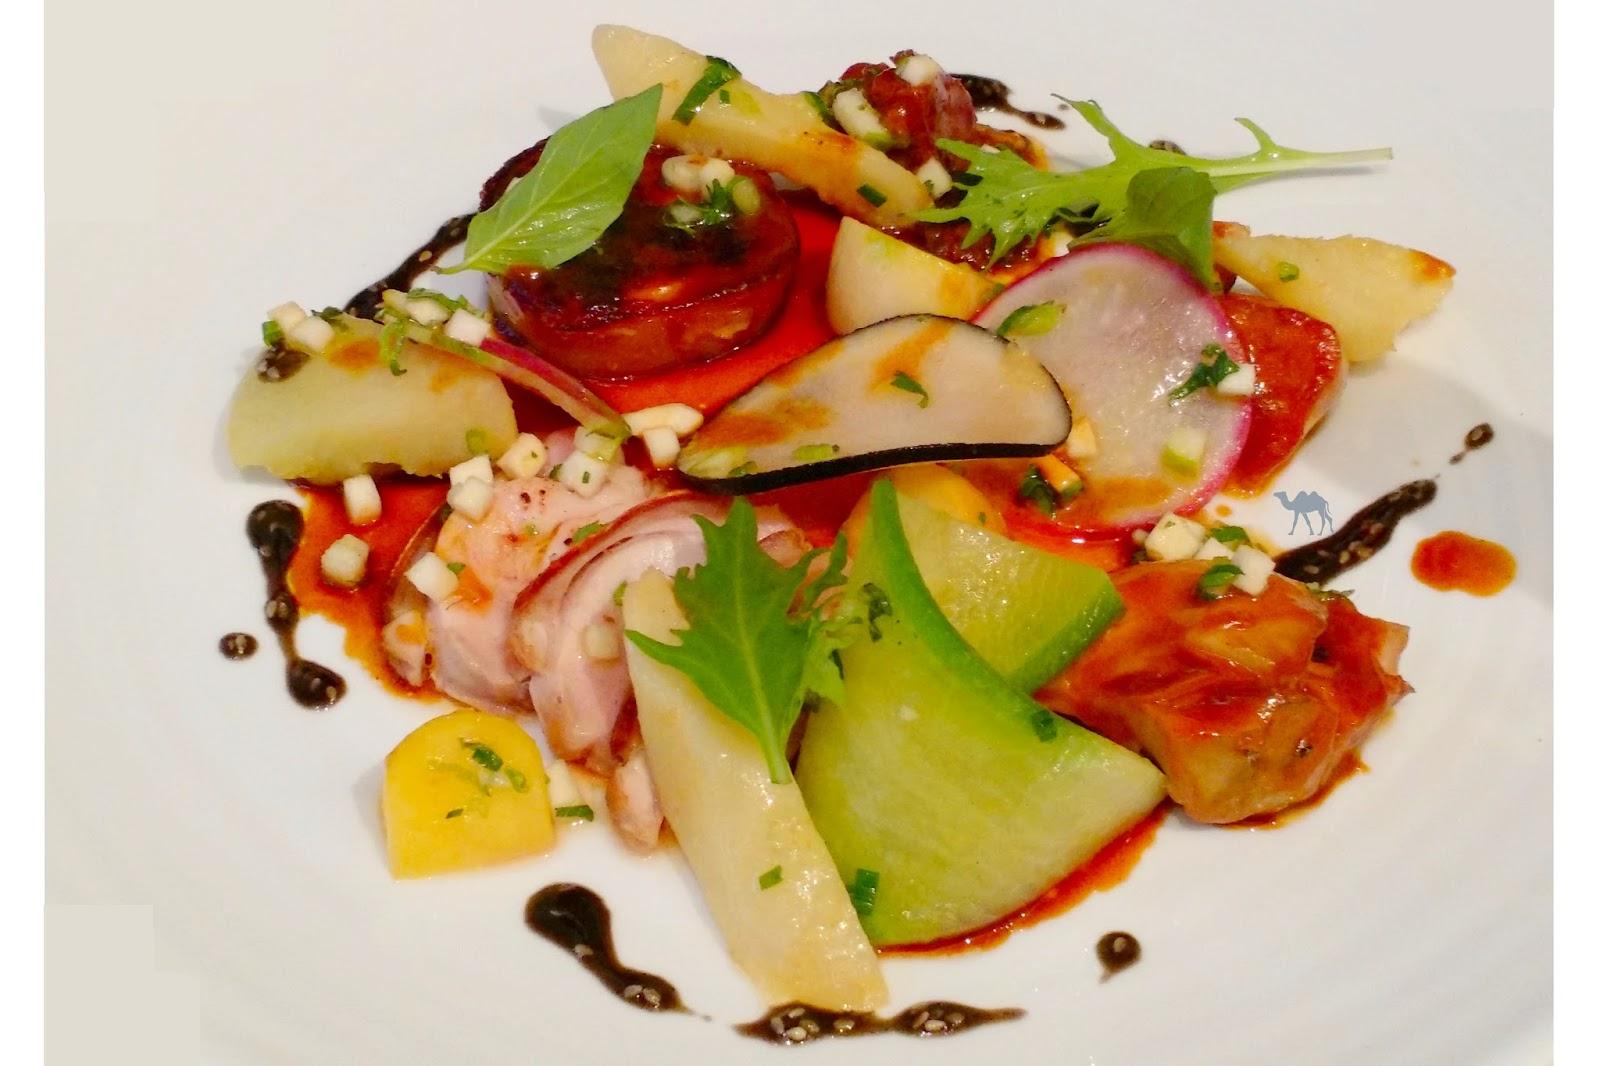 Le Chameau Bleu - Blog de Gastronomie & Voyage - Restaurant  KGB Paris